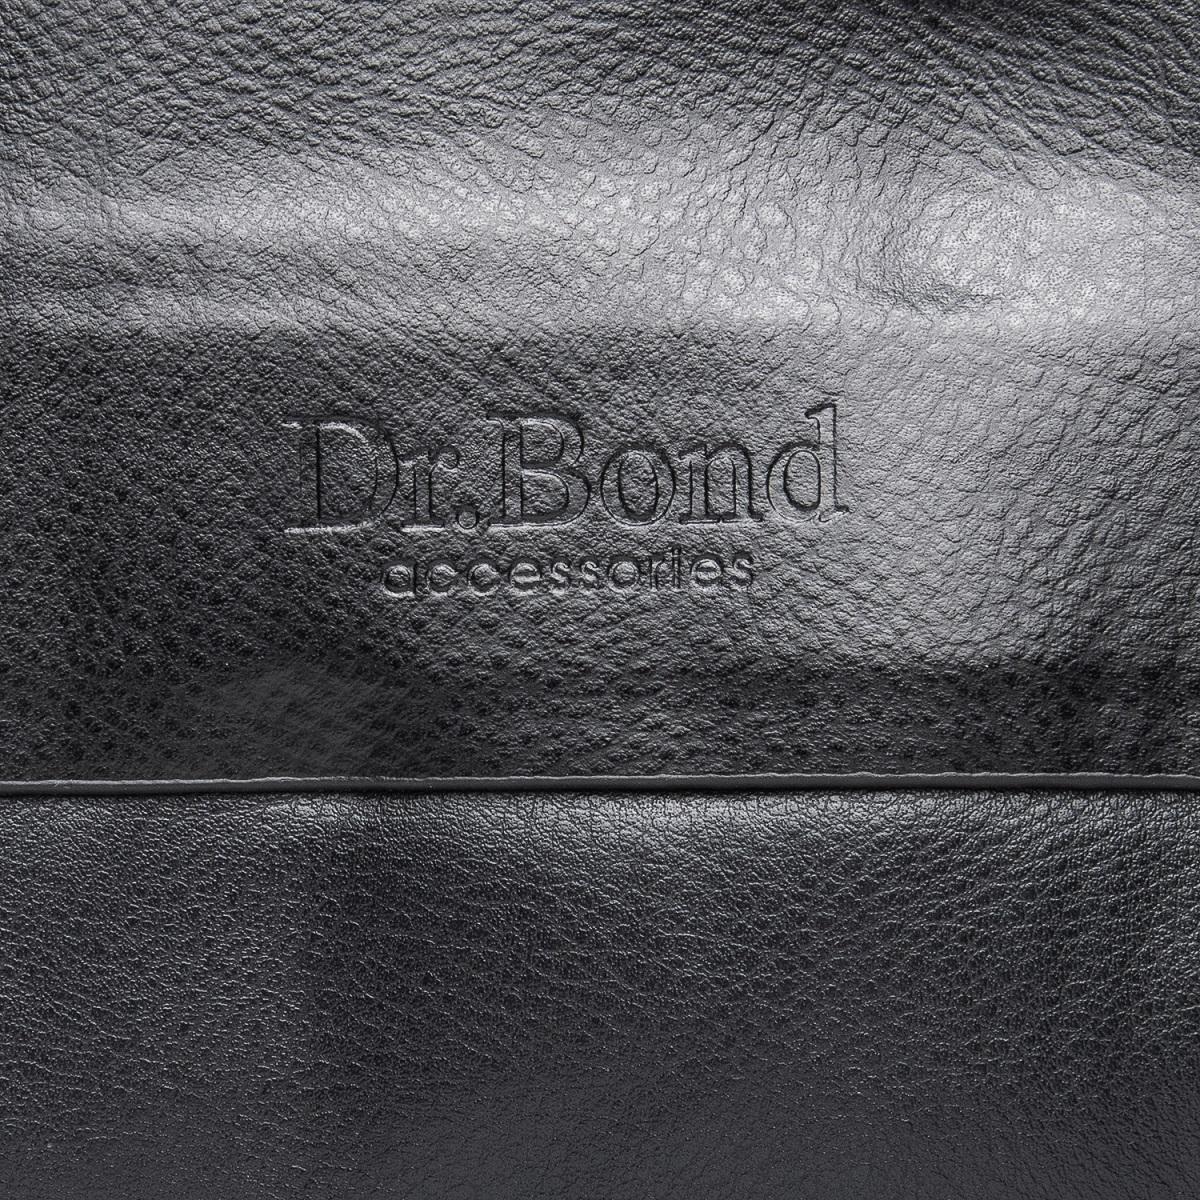 Сумка Мужская Планшет иск-кожа DR. BOND GL 314-2 black - фото 3